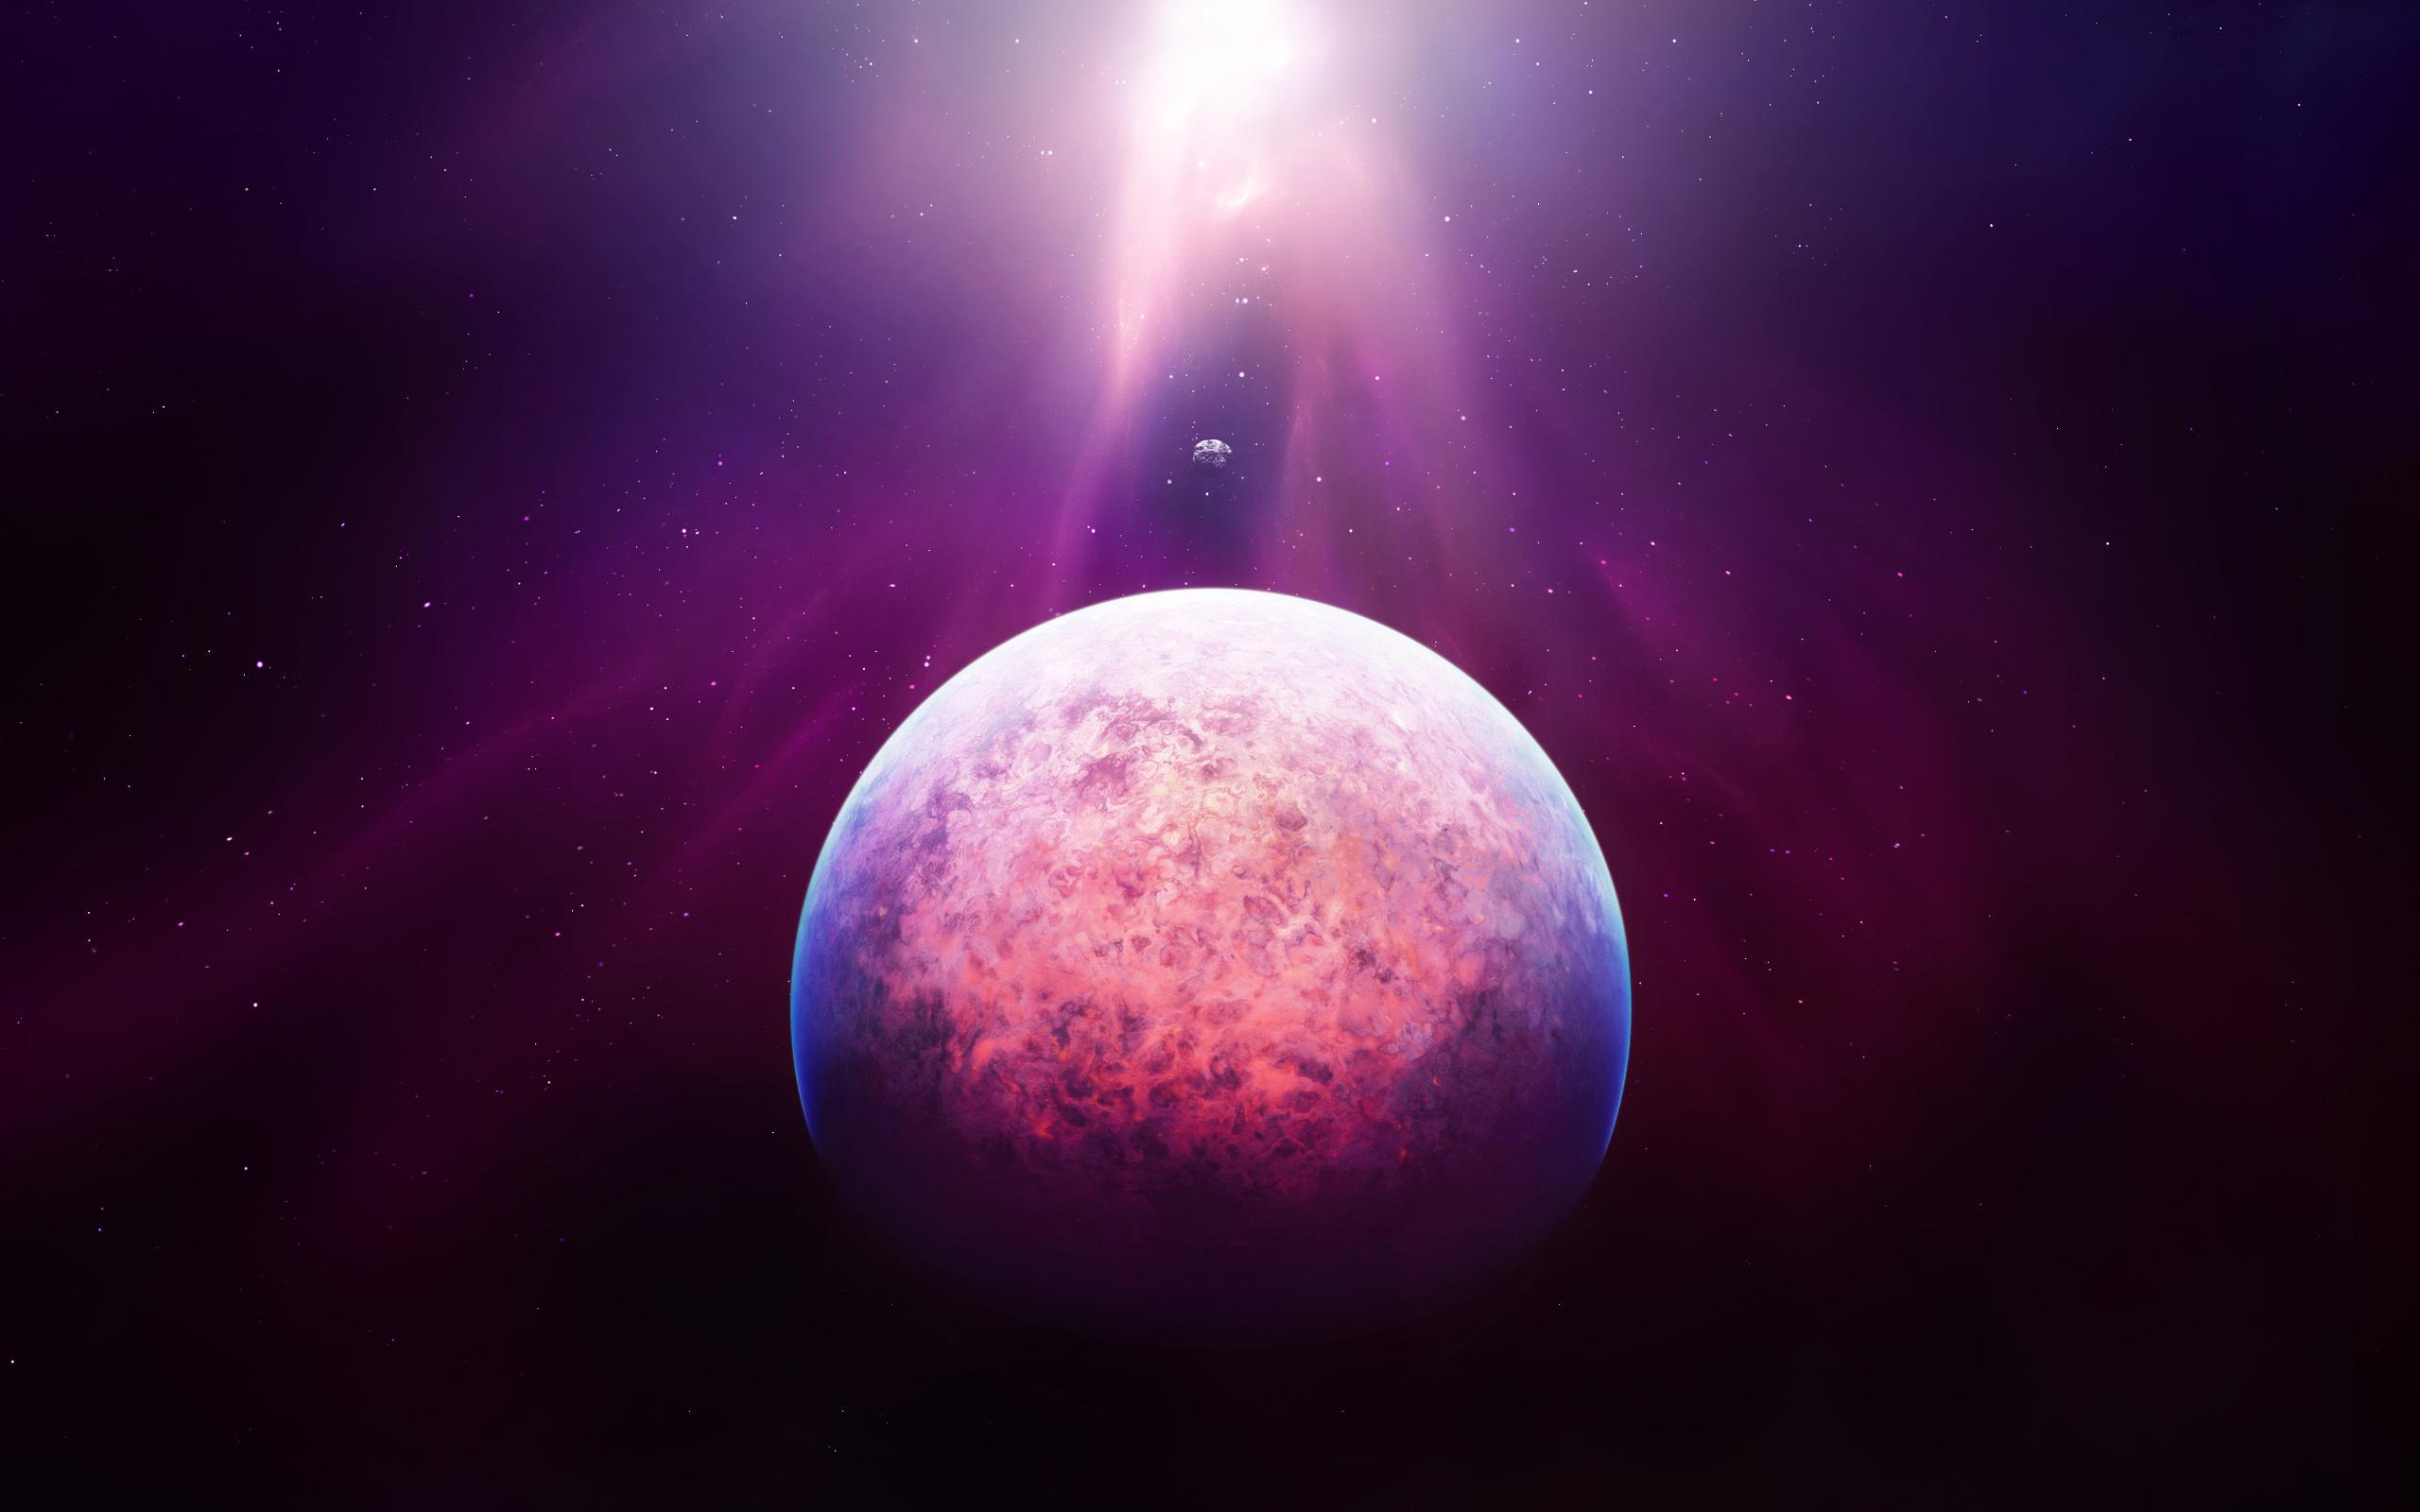 Обои Свечение за планетами картинки на рабочий стол на тему Космос - скачать  № 1772733 бесплатно